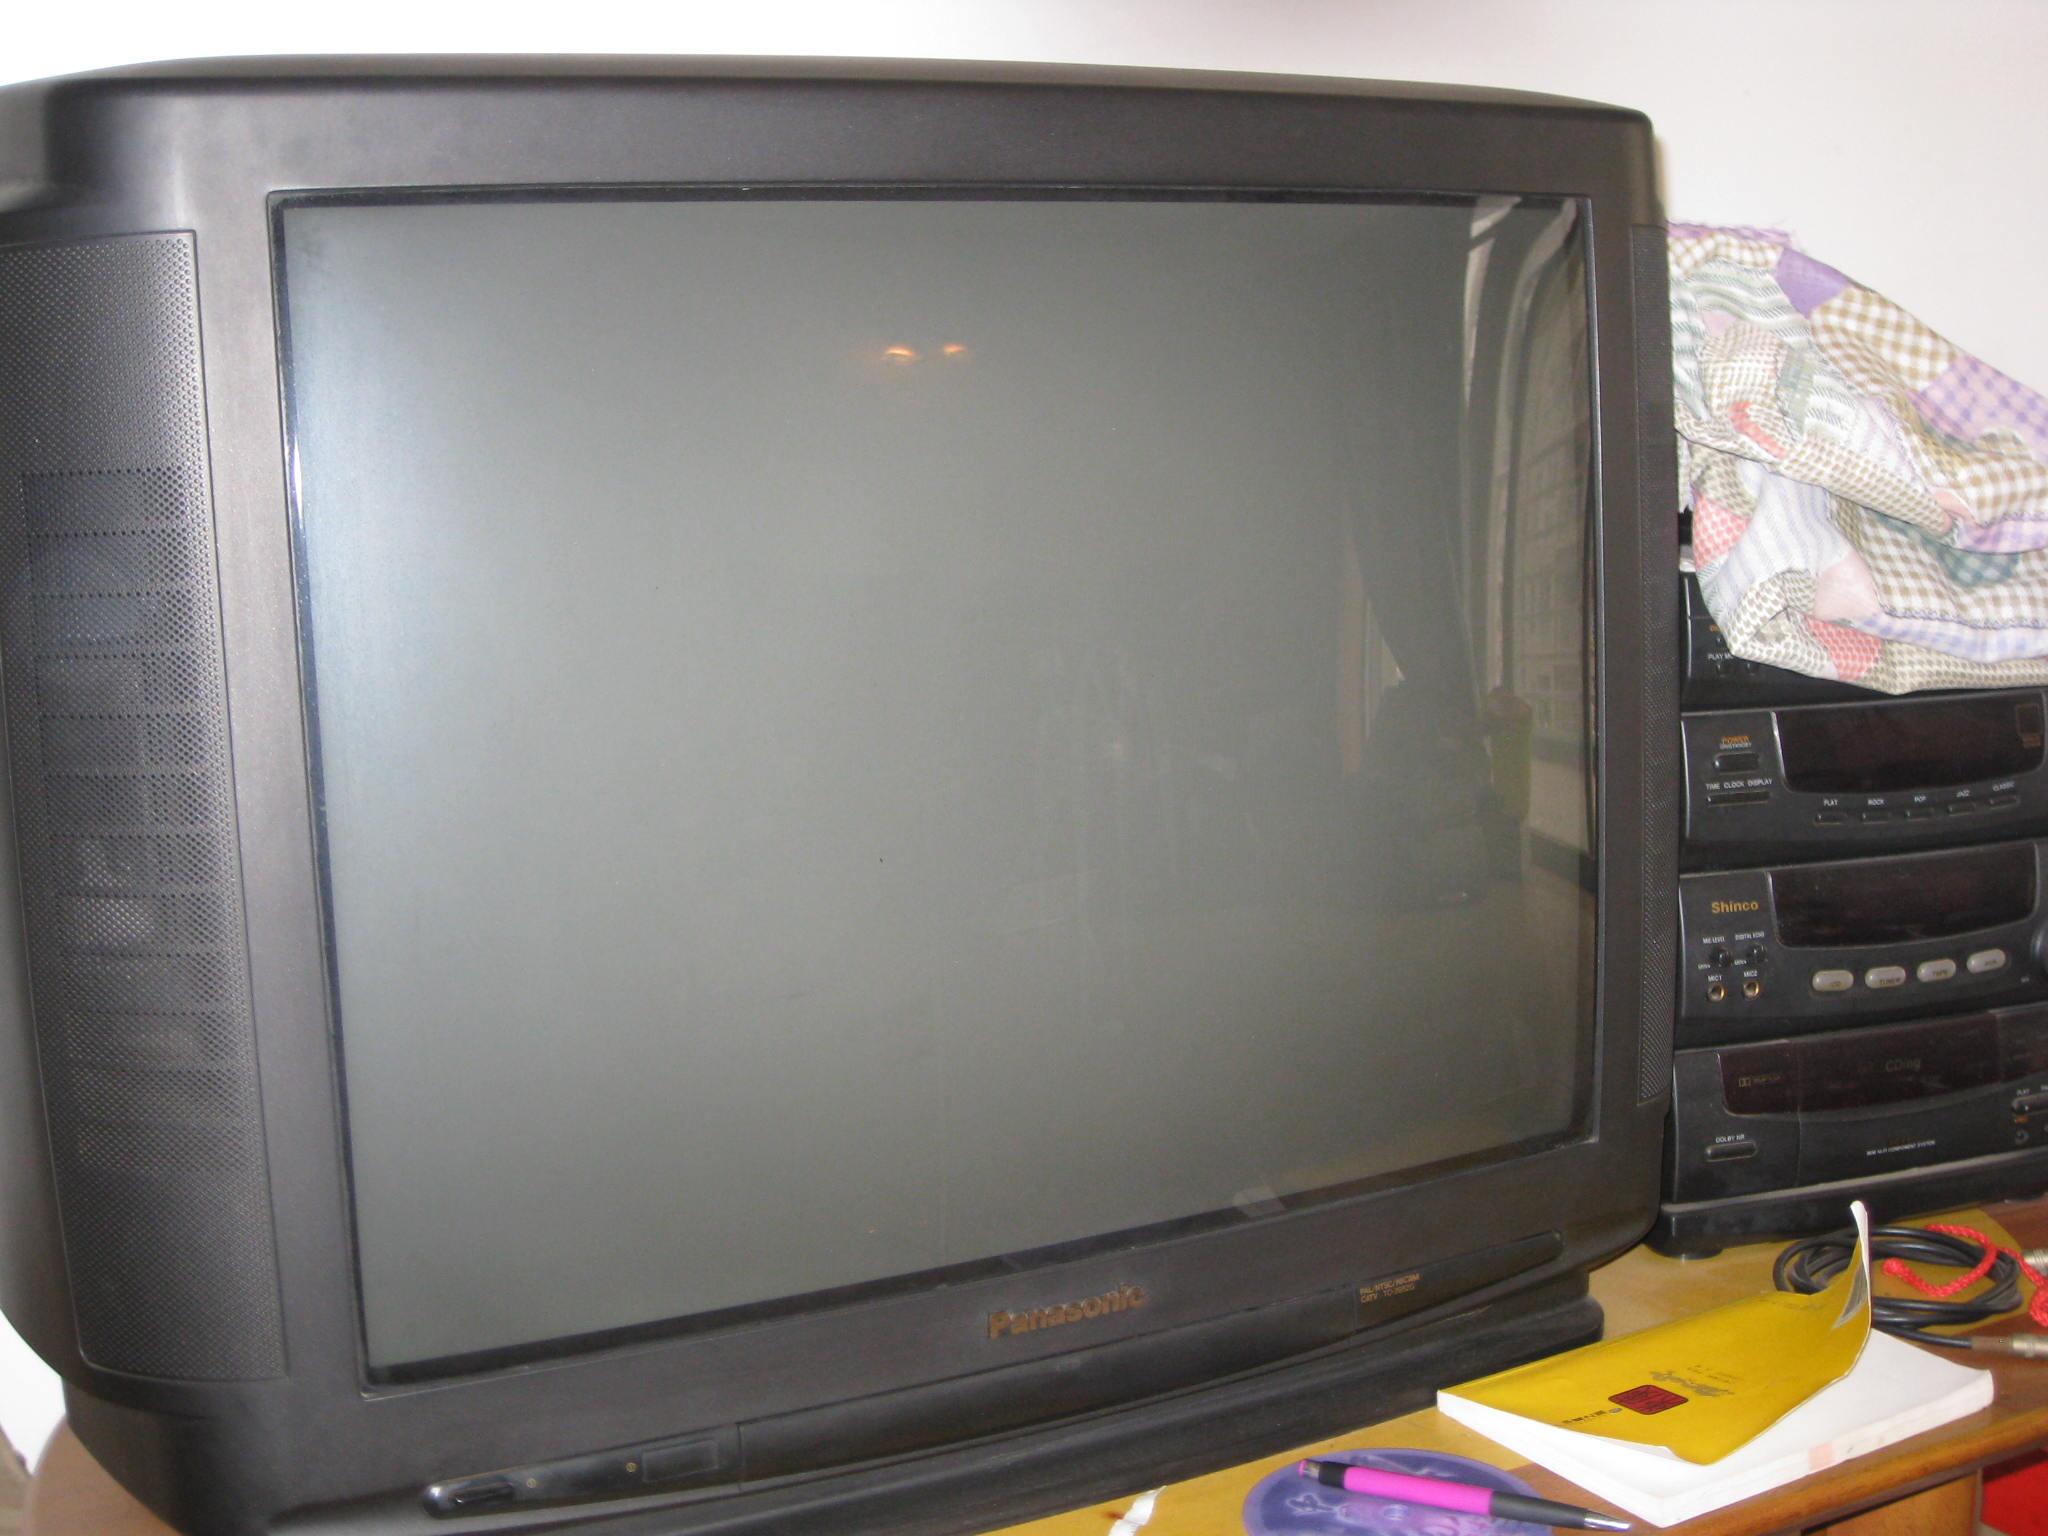 > 自用29寸原装松下电视机特价转让